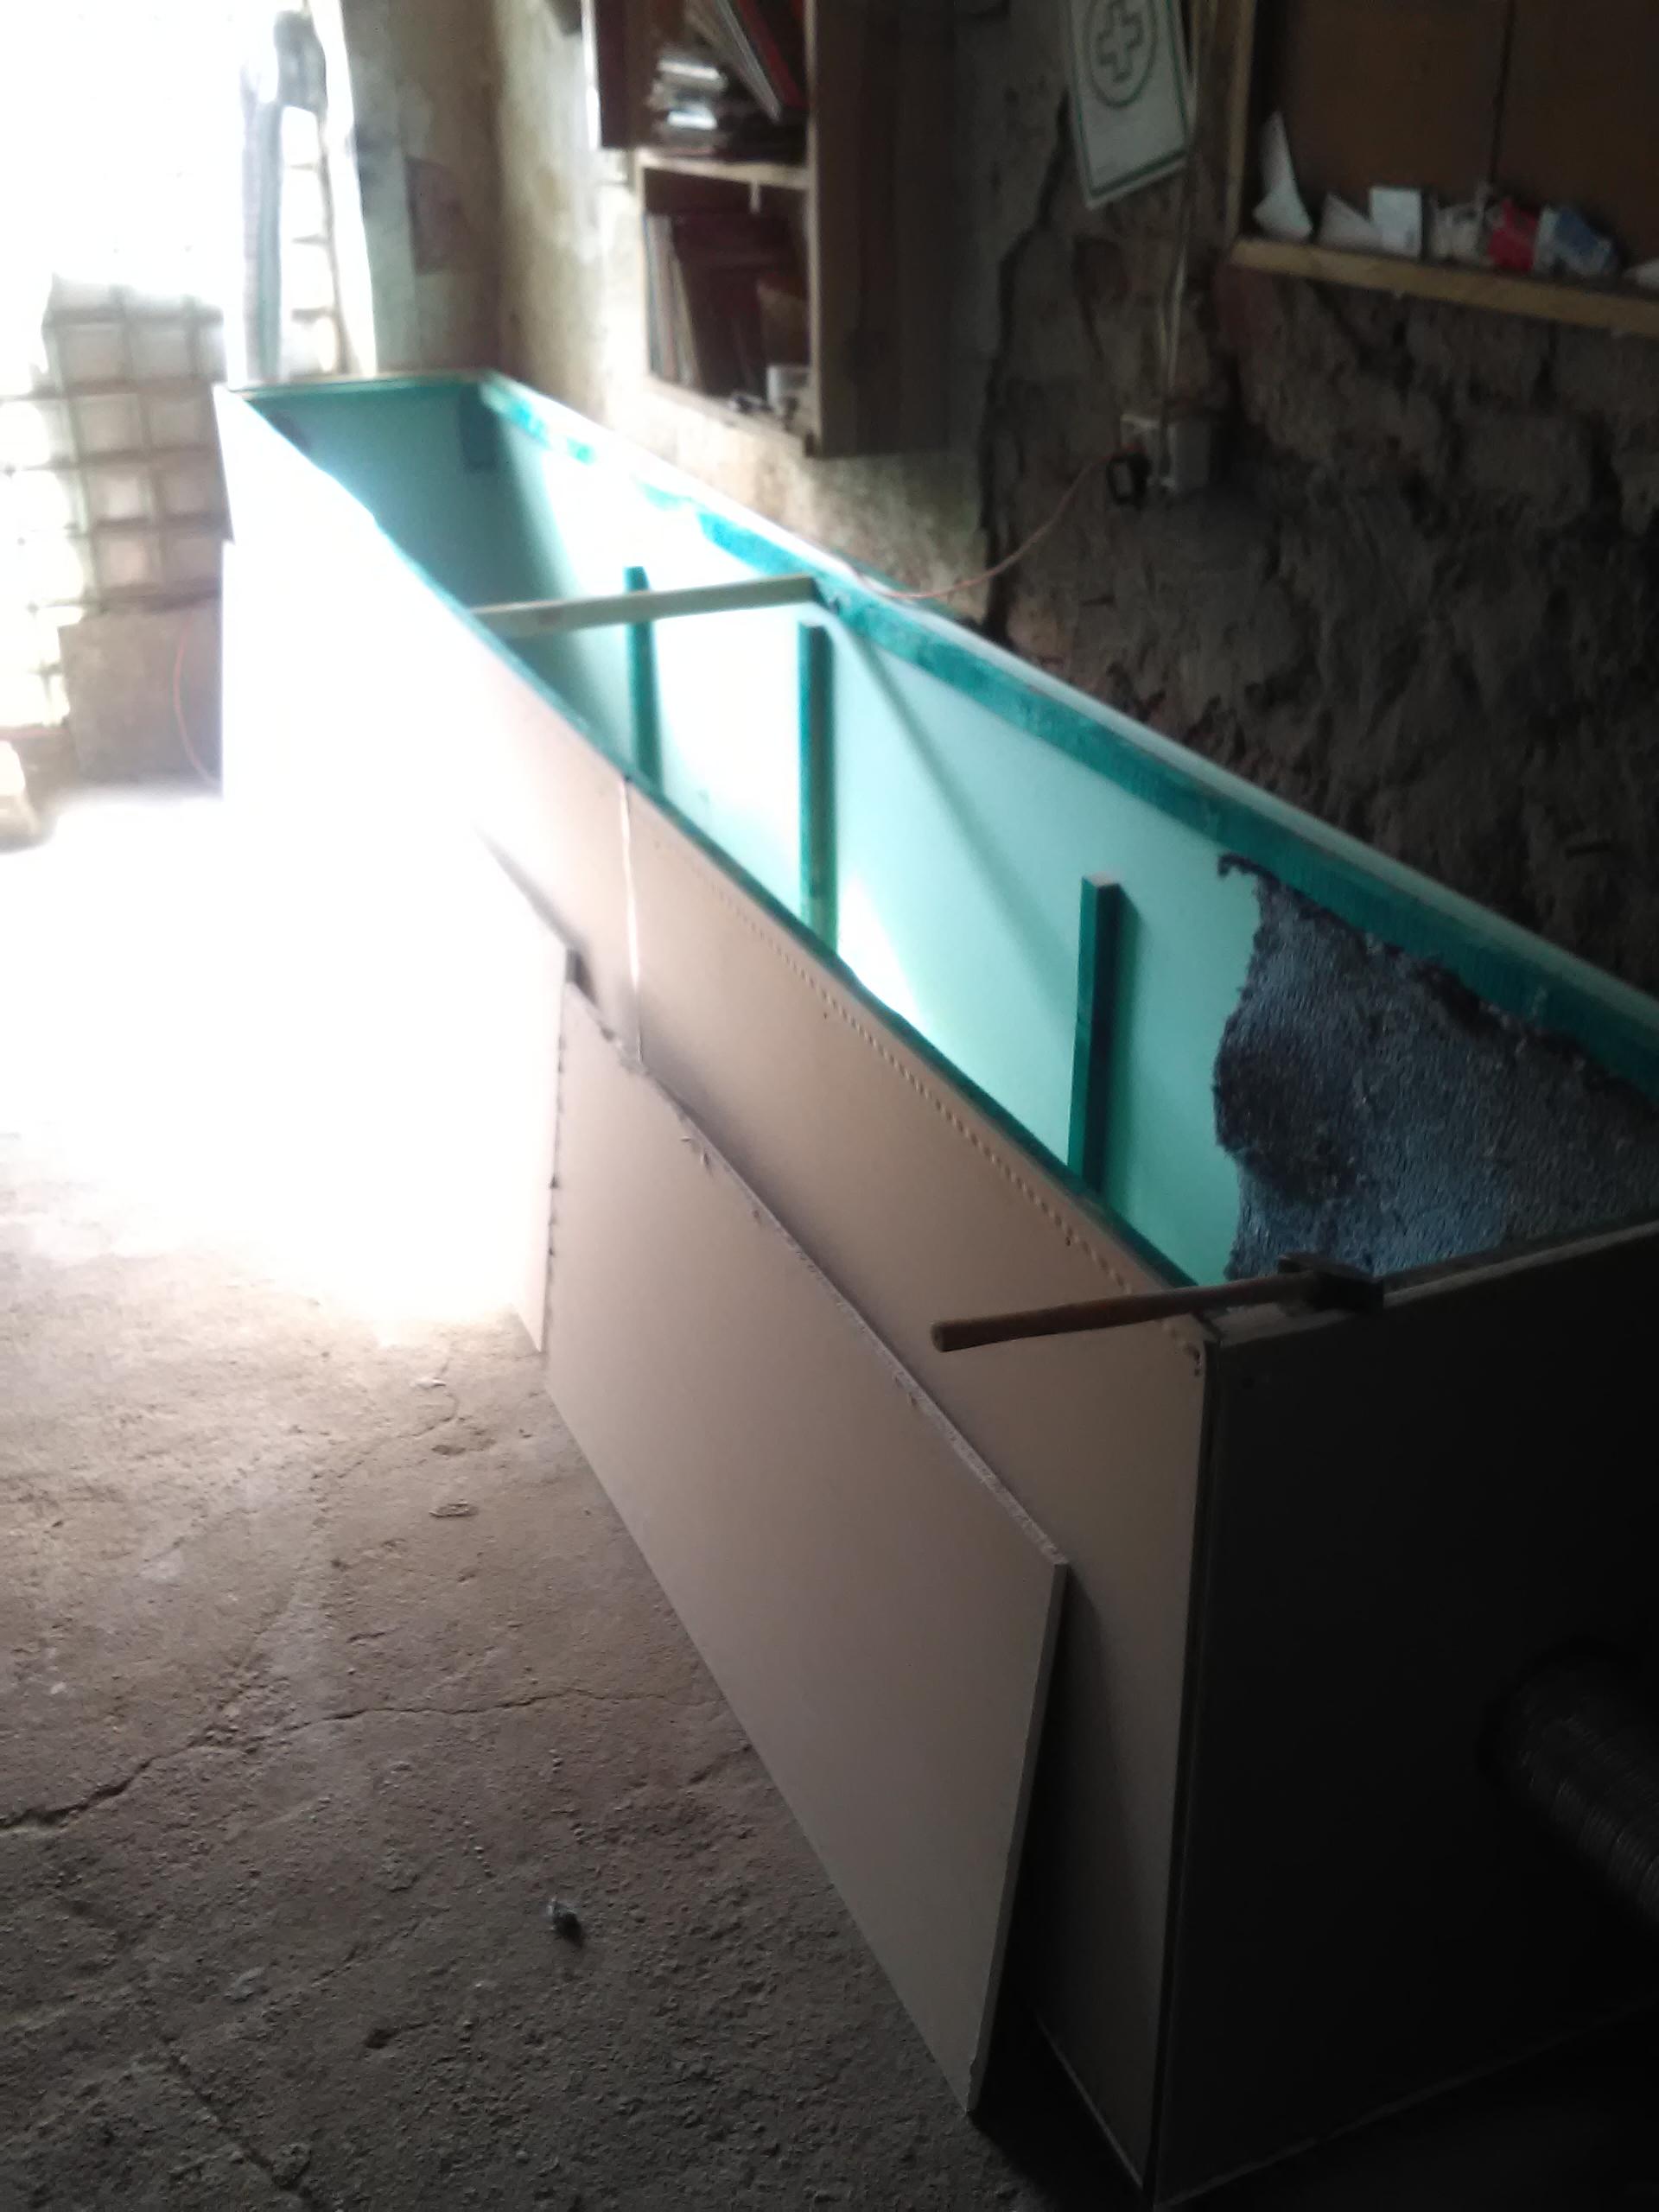 Podręczna komora do suszenia tarcicy i wyrobów surowych